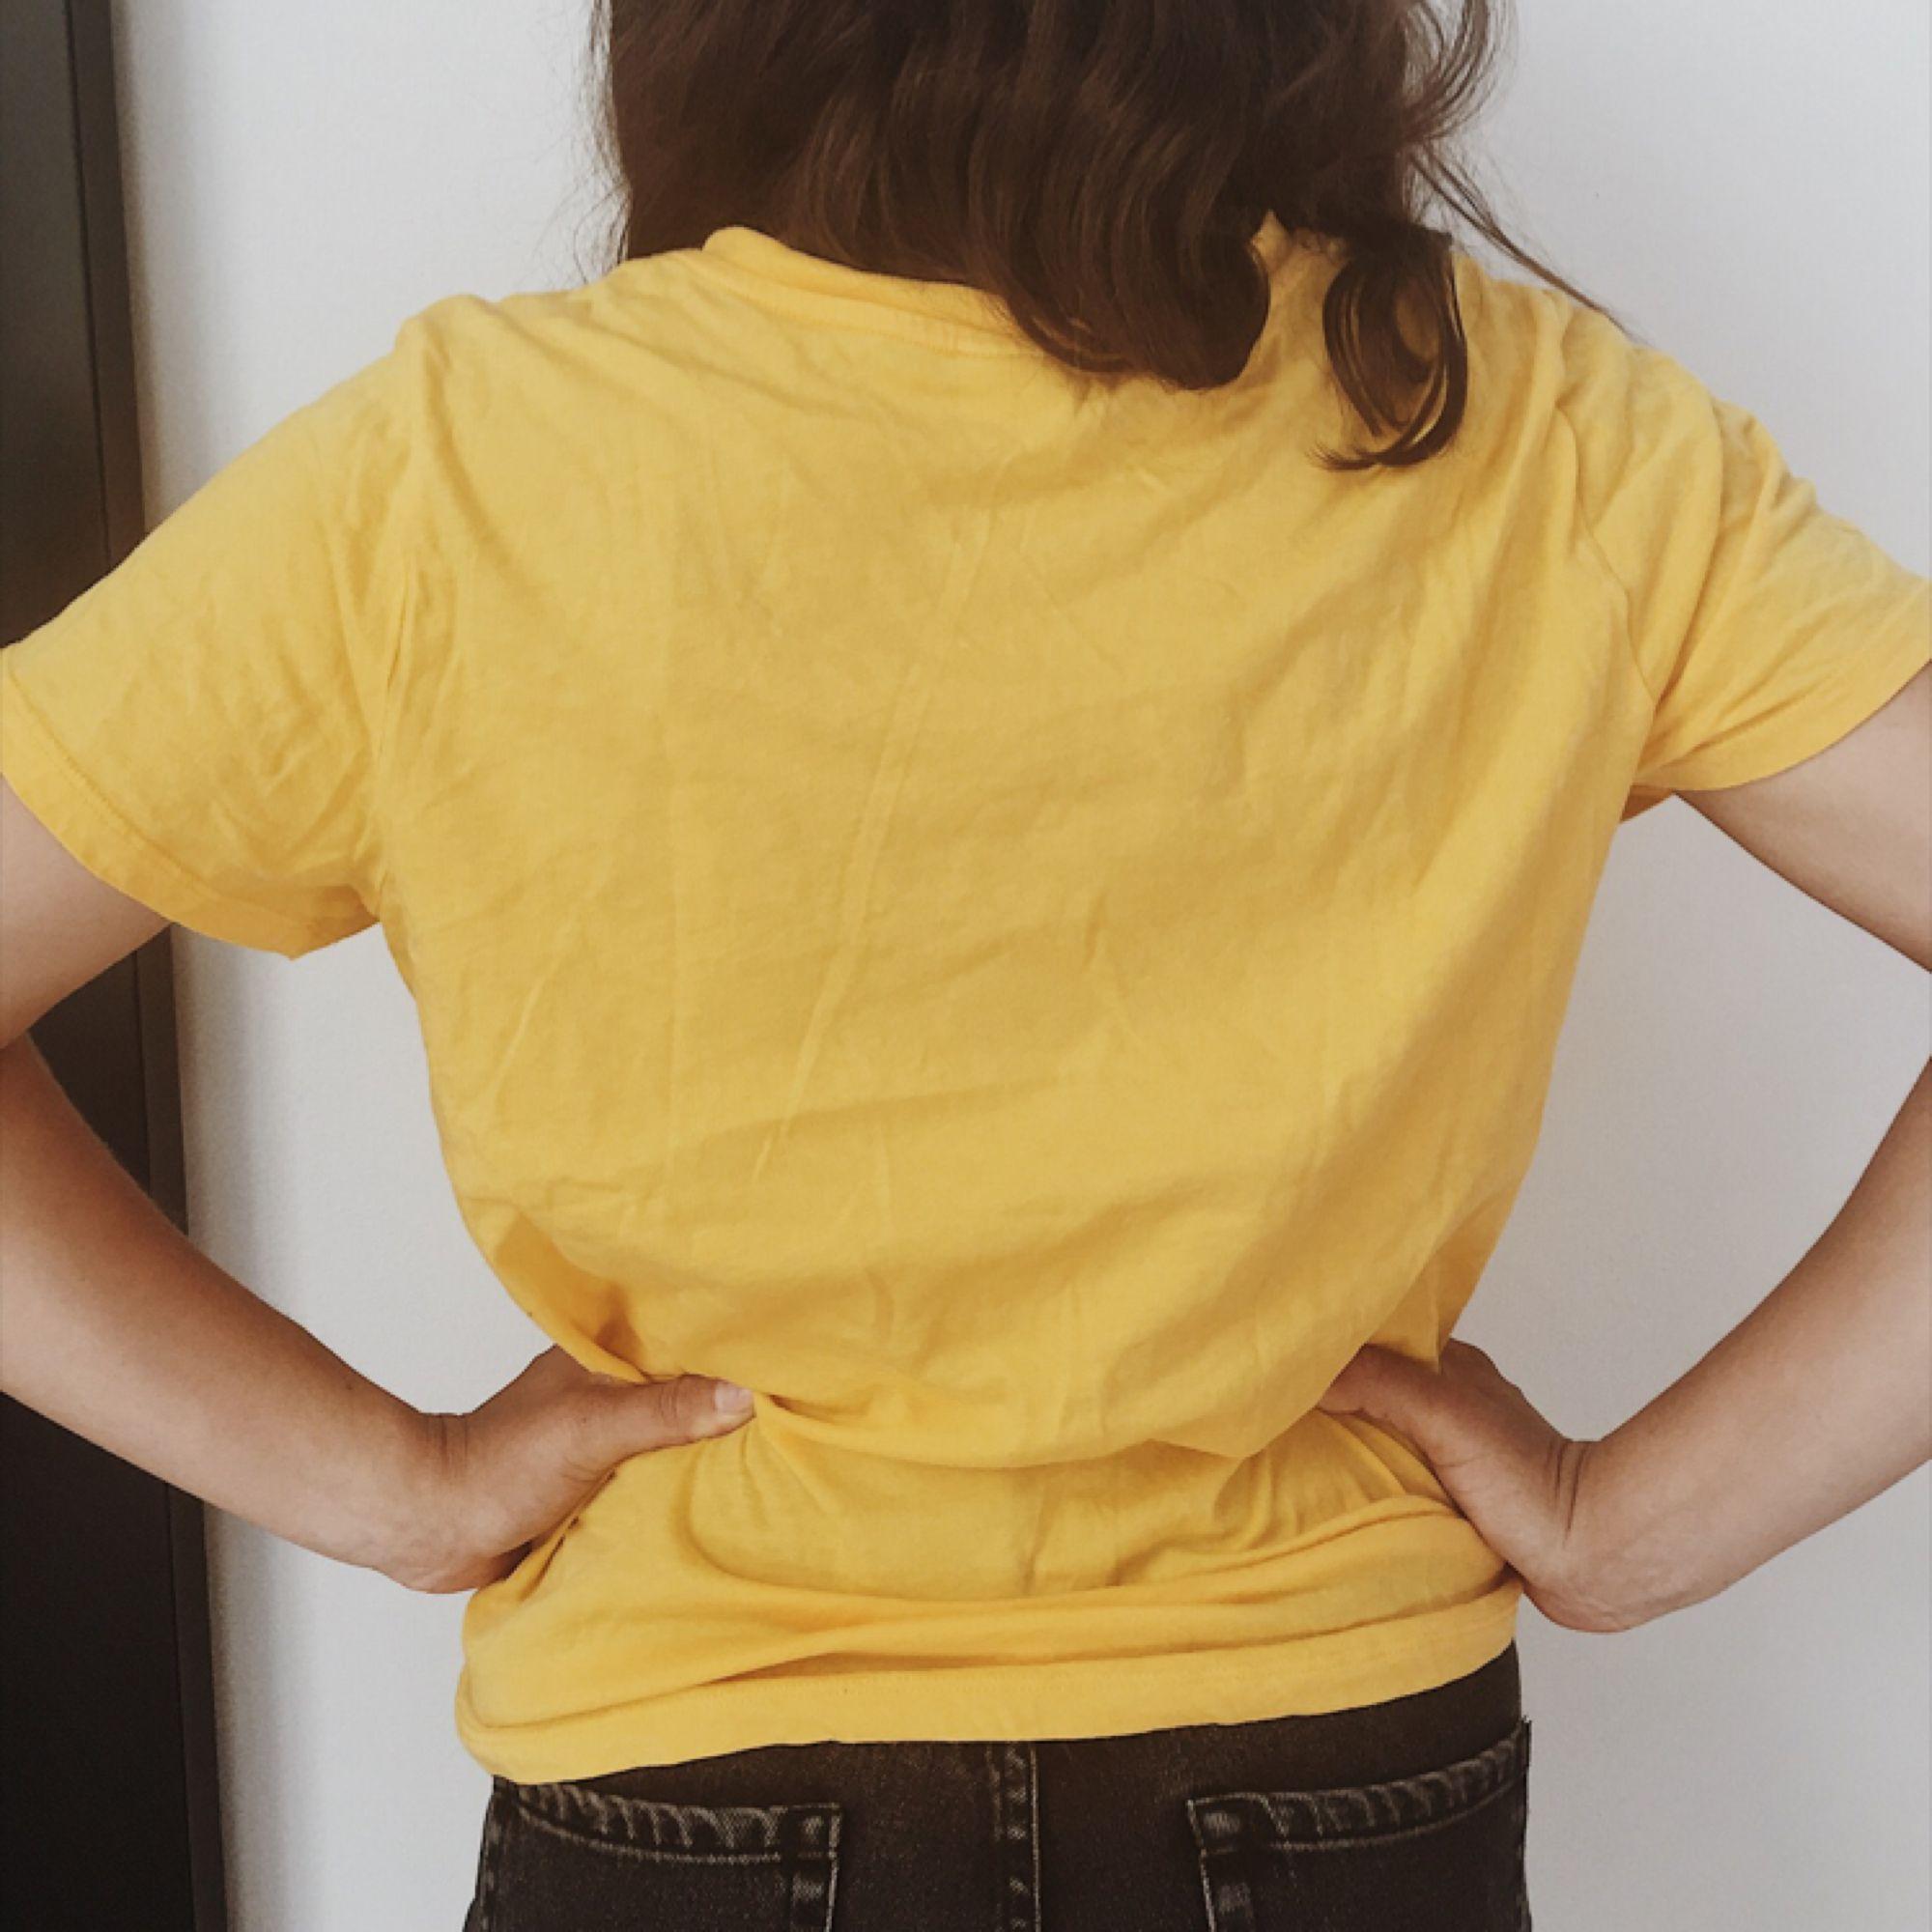 Ball t-shirt i gult 🌞🌻 / STORLEK: M men passar även mindre för en mer oversize look / SKICK: Som ny, endast använd ett fåtal gånger / MATERIAL: 100% bomull / Skriv gärna vid övriga frågor!. T-shirts.